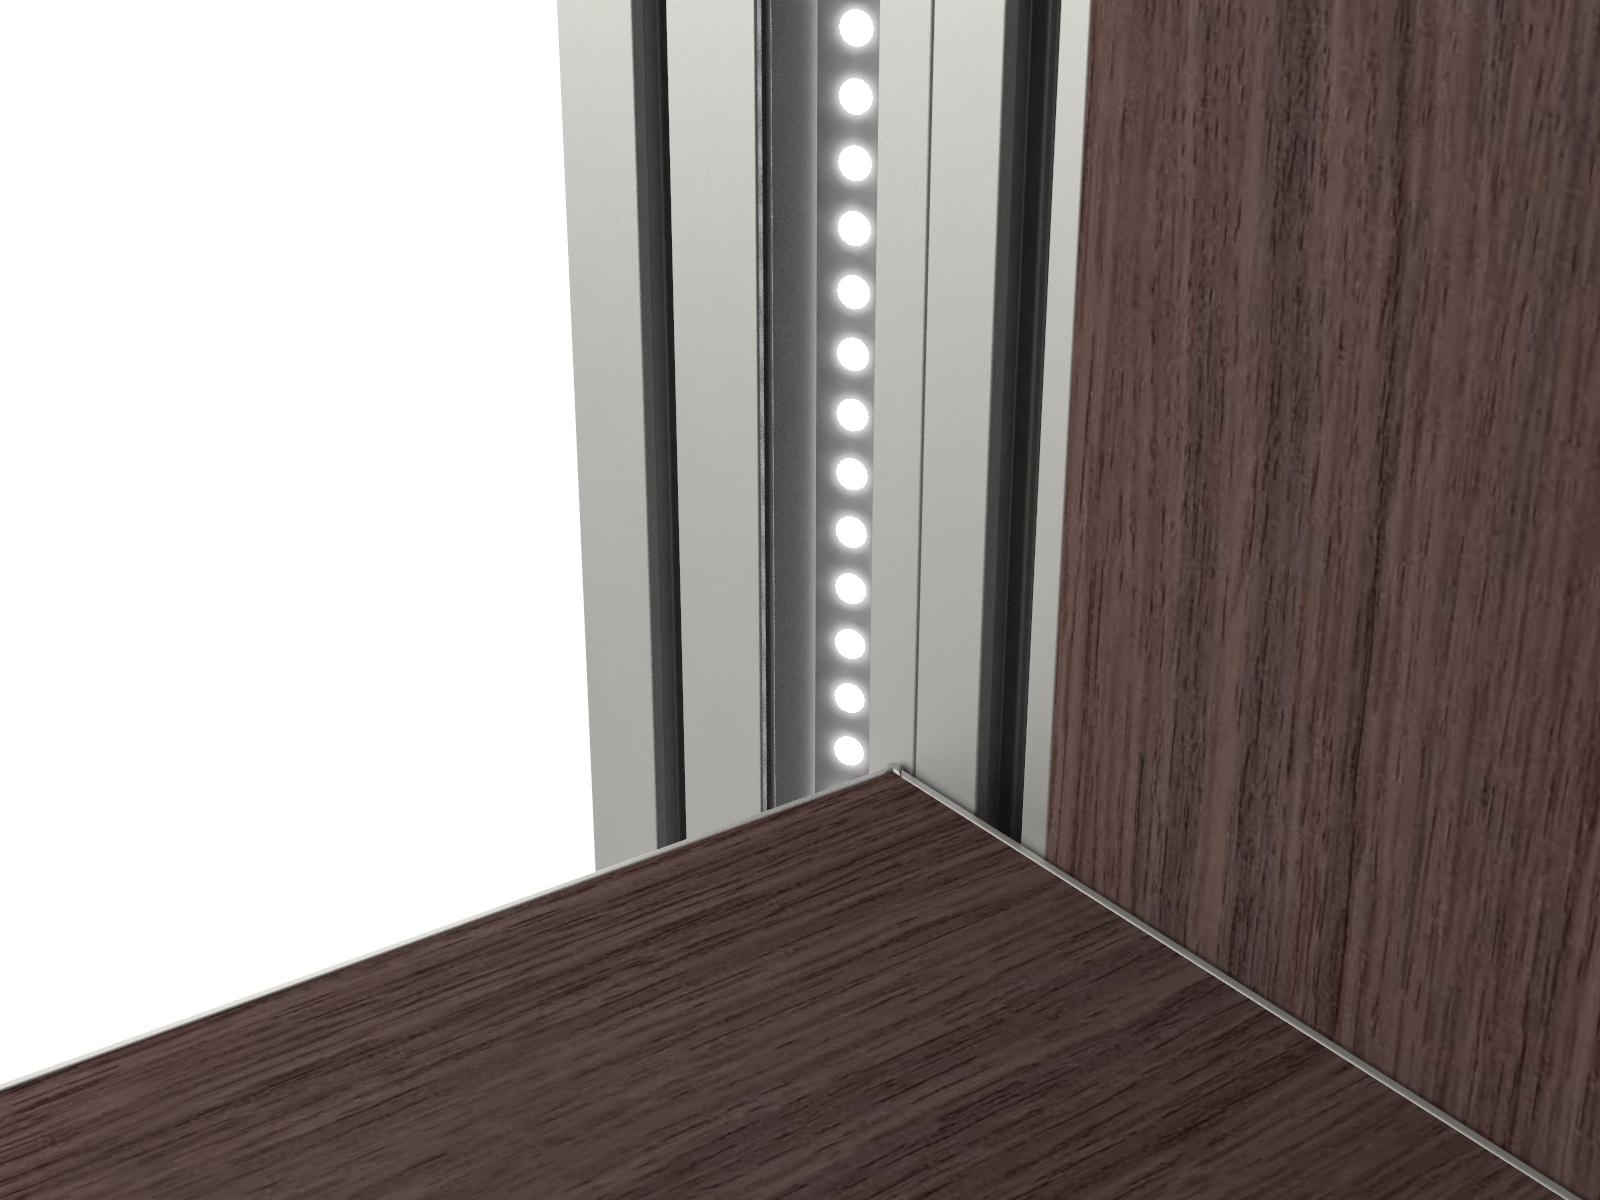 Functionele verticale led verlichting dress a way inloopkasten